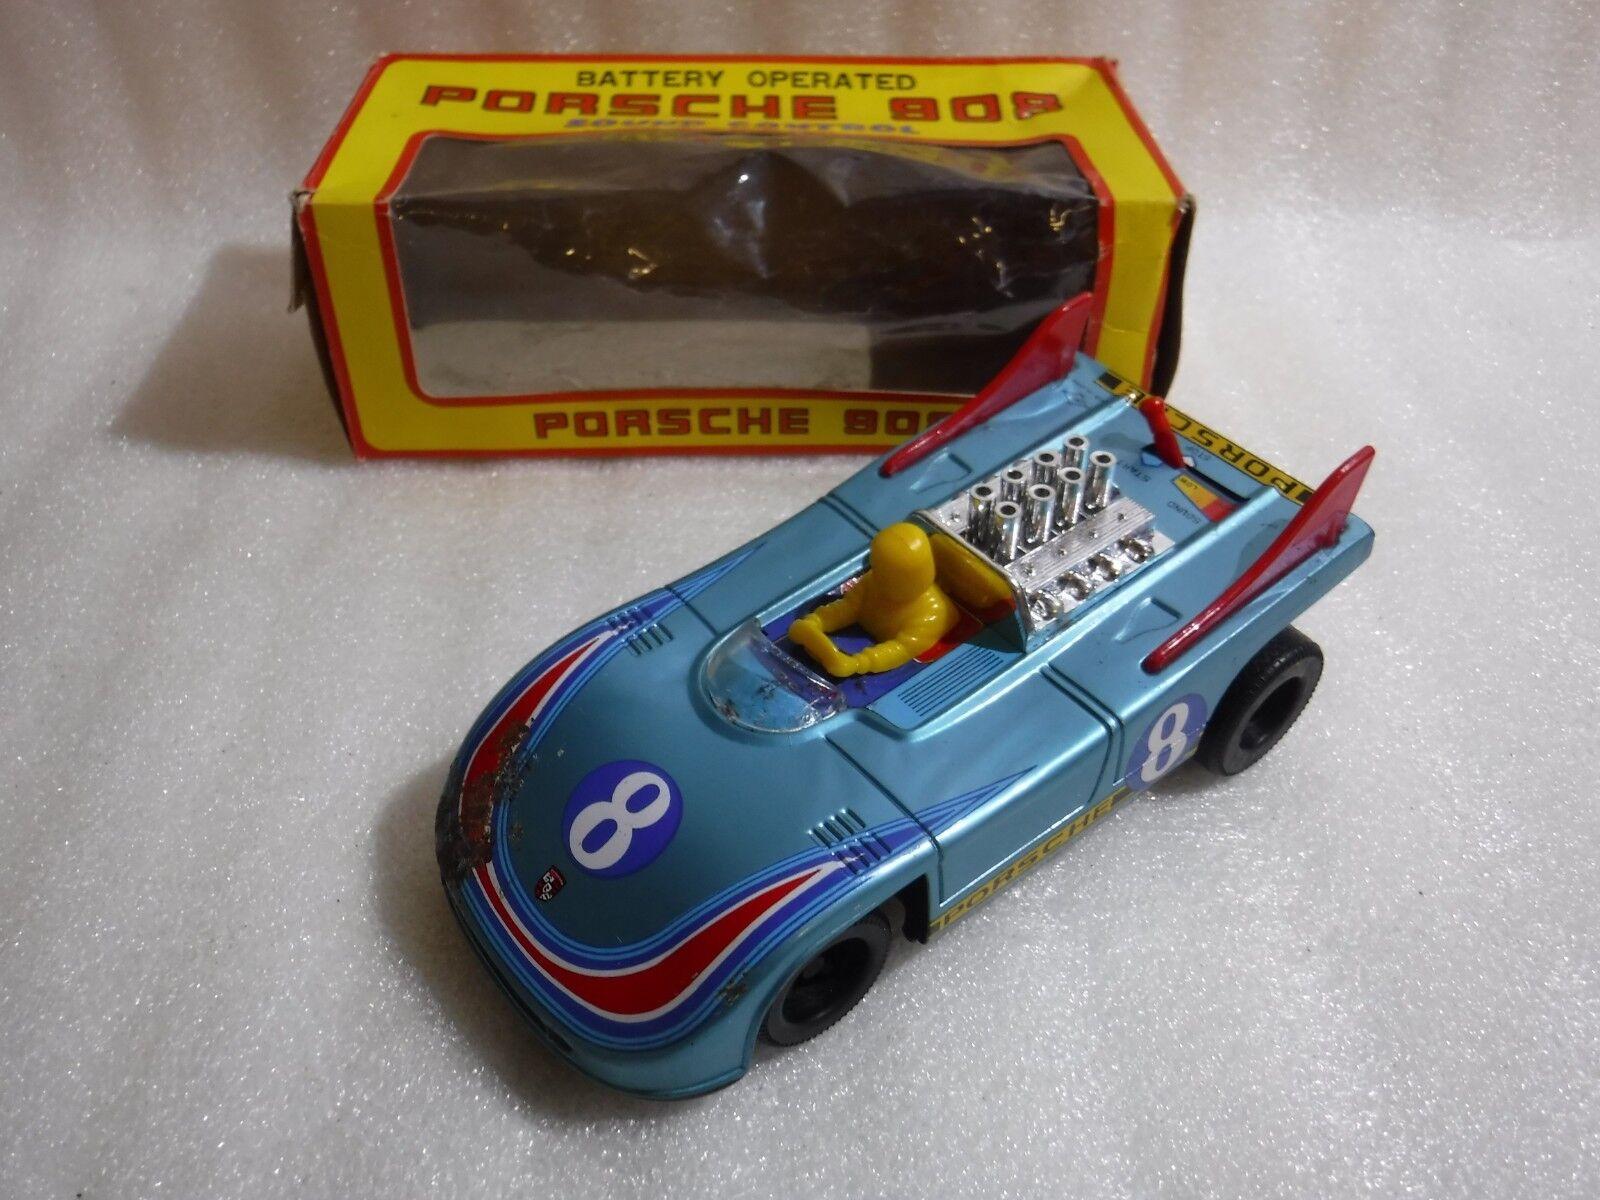 Vintage Daiya Japan Porsche 908 tin tin tin battery car ..Boxed Rare & Super Cool Sound d0a